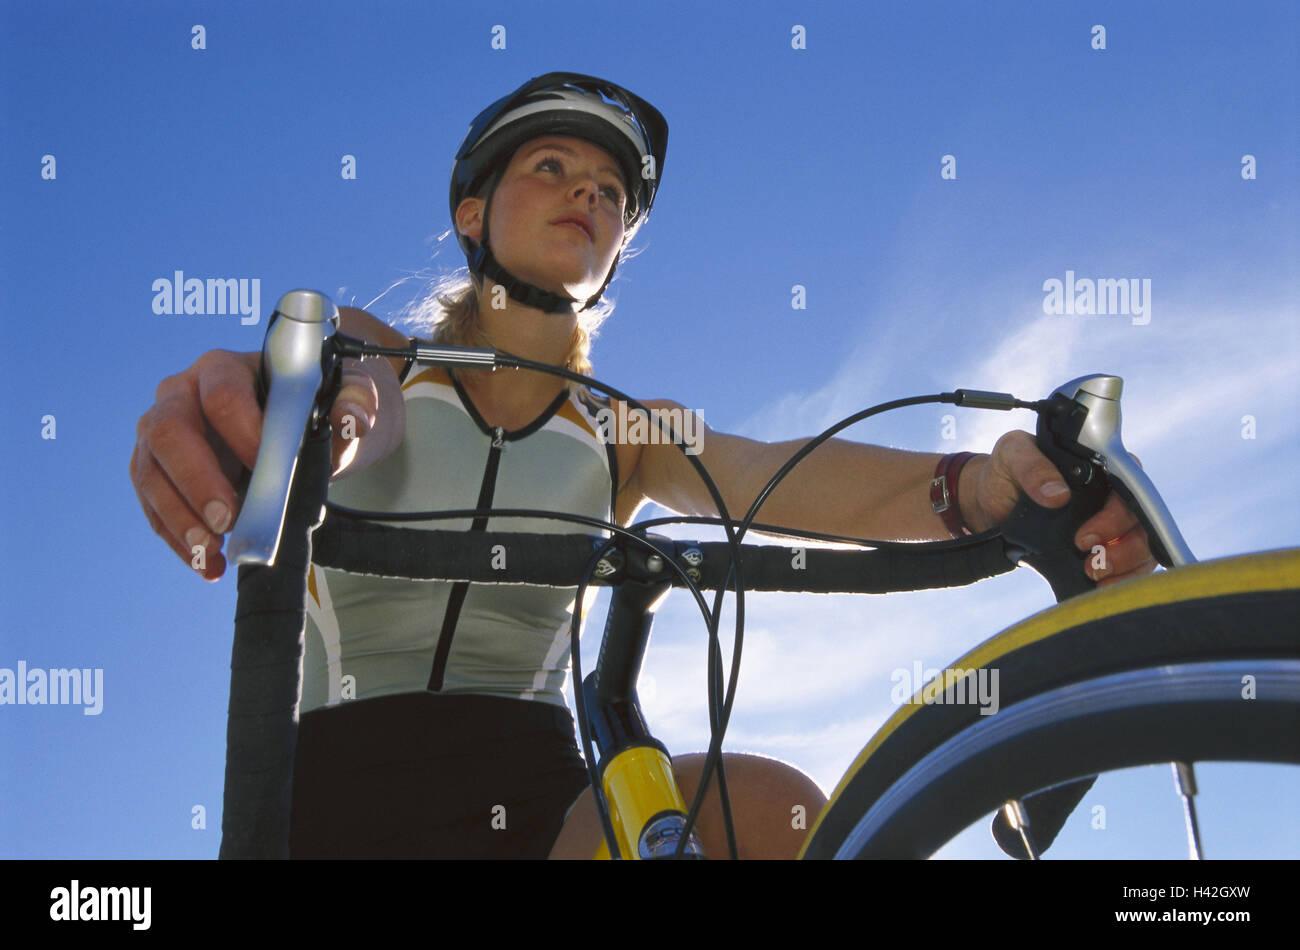 Racing ciclista, dettaglio indietro luce dal di sotto della donna, sportive, 20-30 anni, racing radianti, ciclista, Immagini Stock